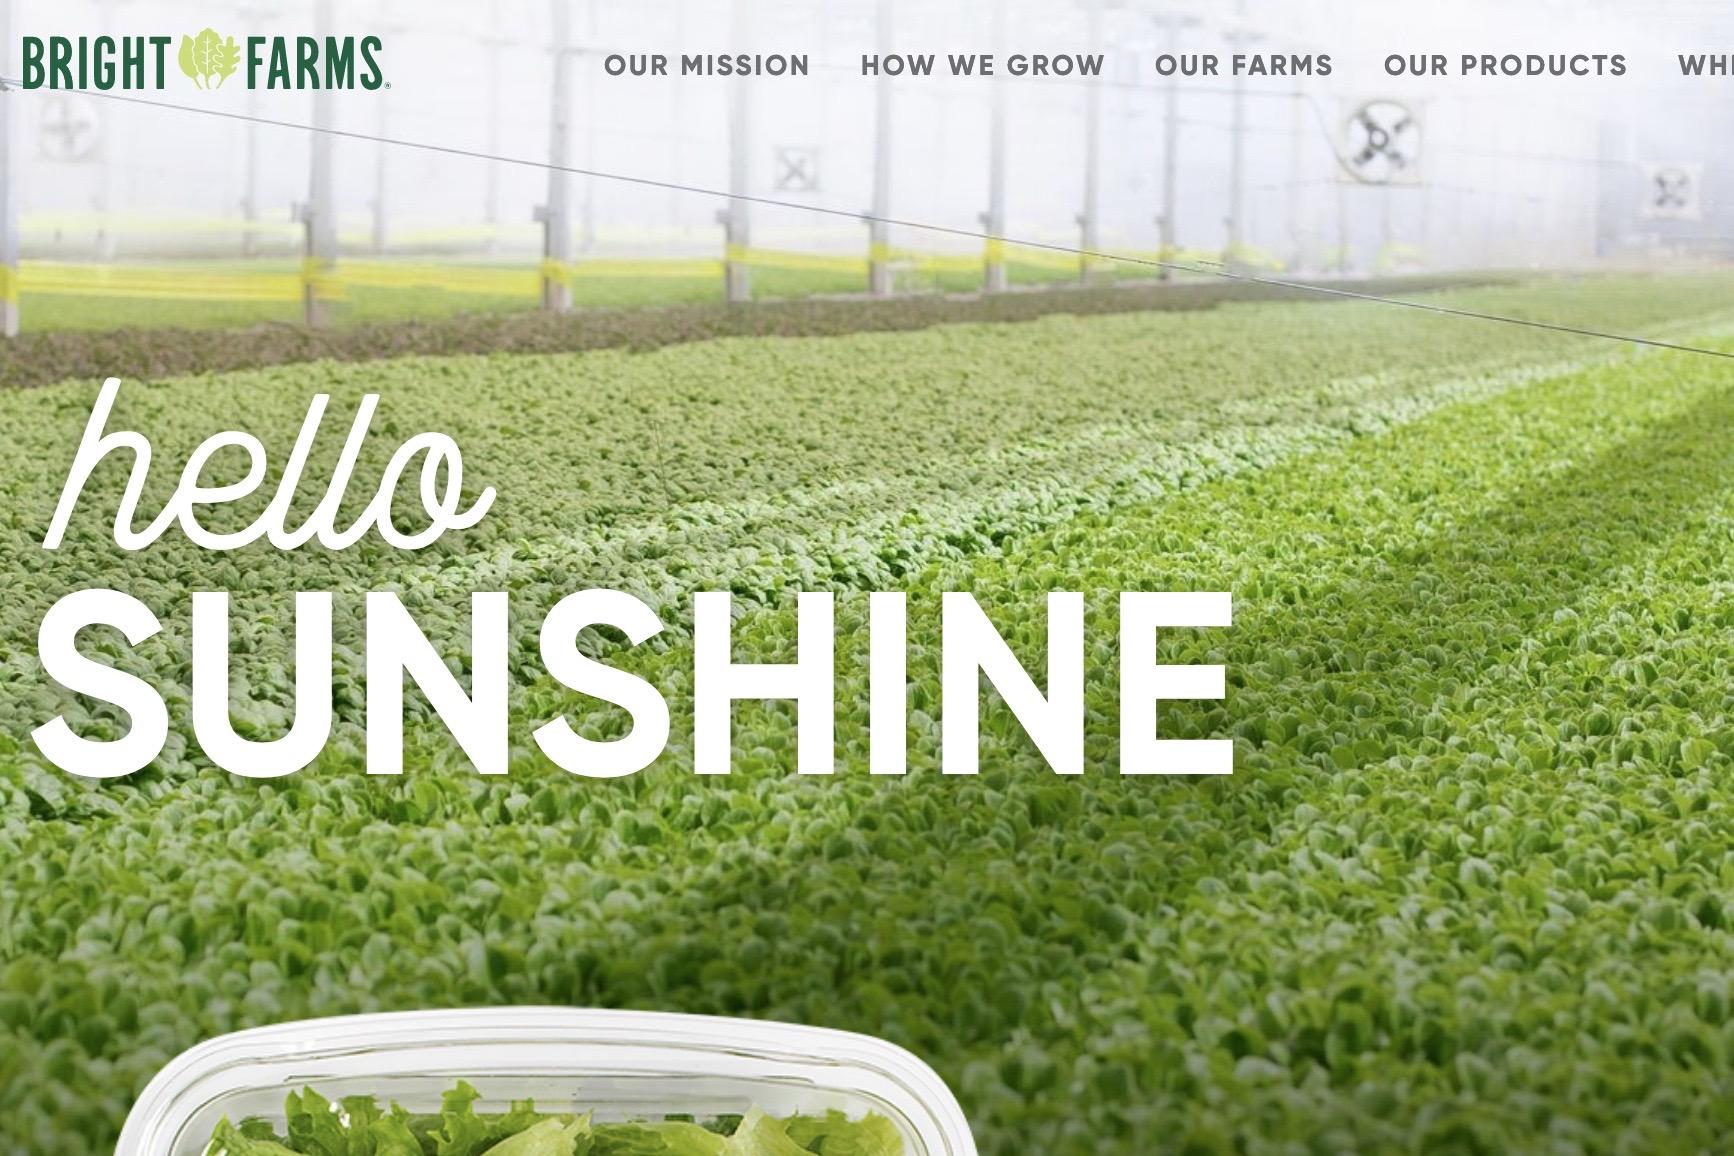 纽约屋顶菜园供应商 BrightFarms 获超过1亿美元E轮融资